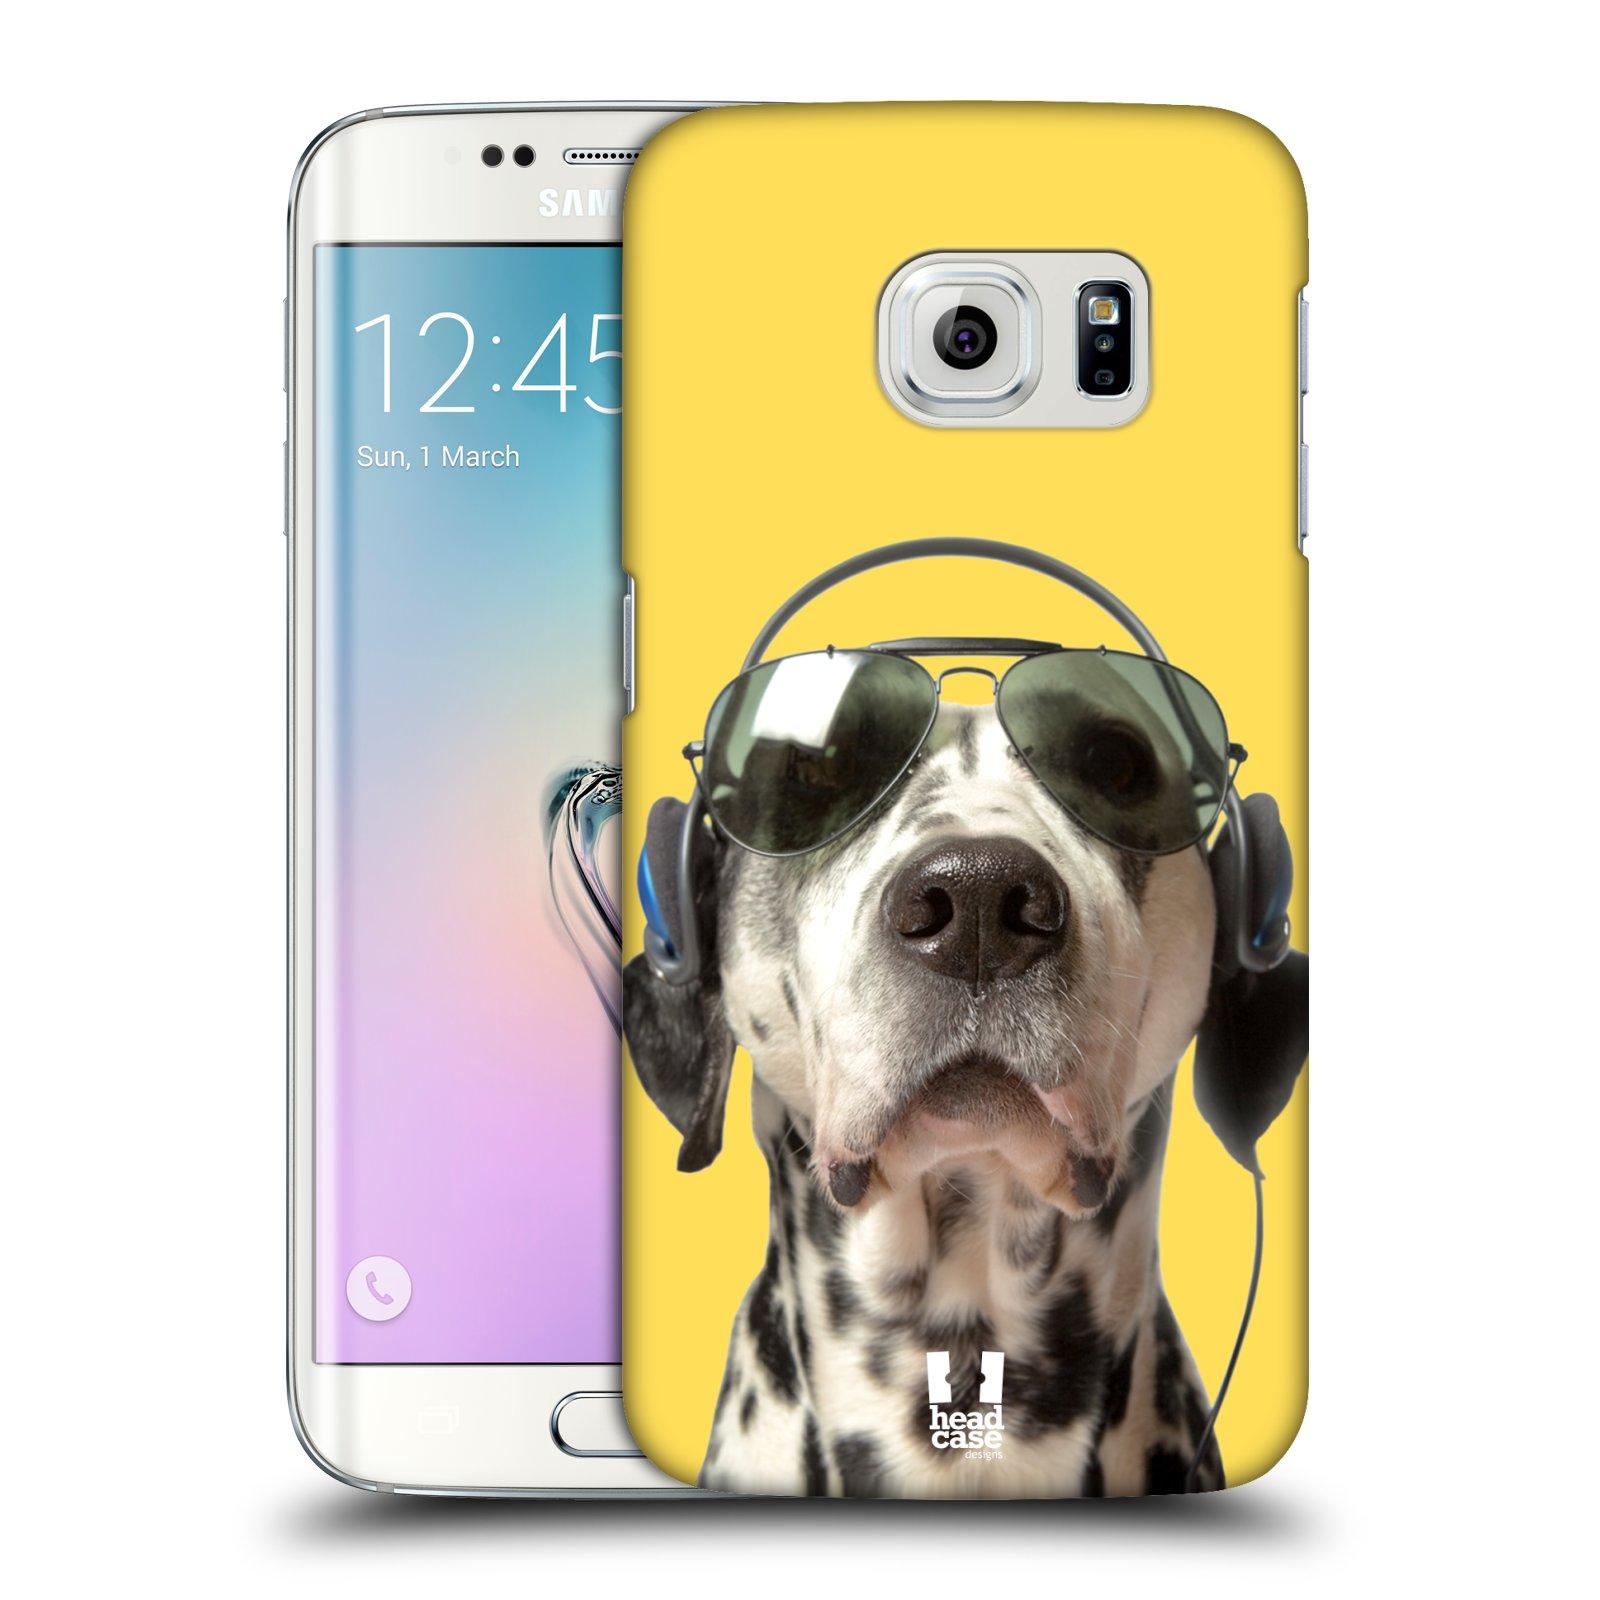 HEAD CASE plastový obal na mobil SAMSUNG Galaxy S6 EDGE (G9250, G925, G925F) vzor Legrační zvířátka dalmatin se sluchátky žlutá